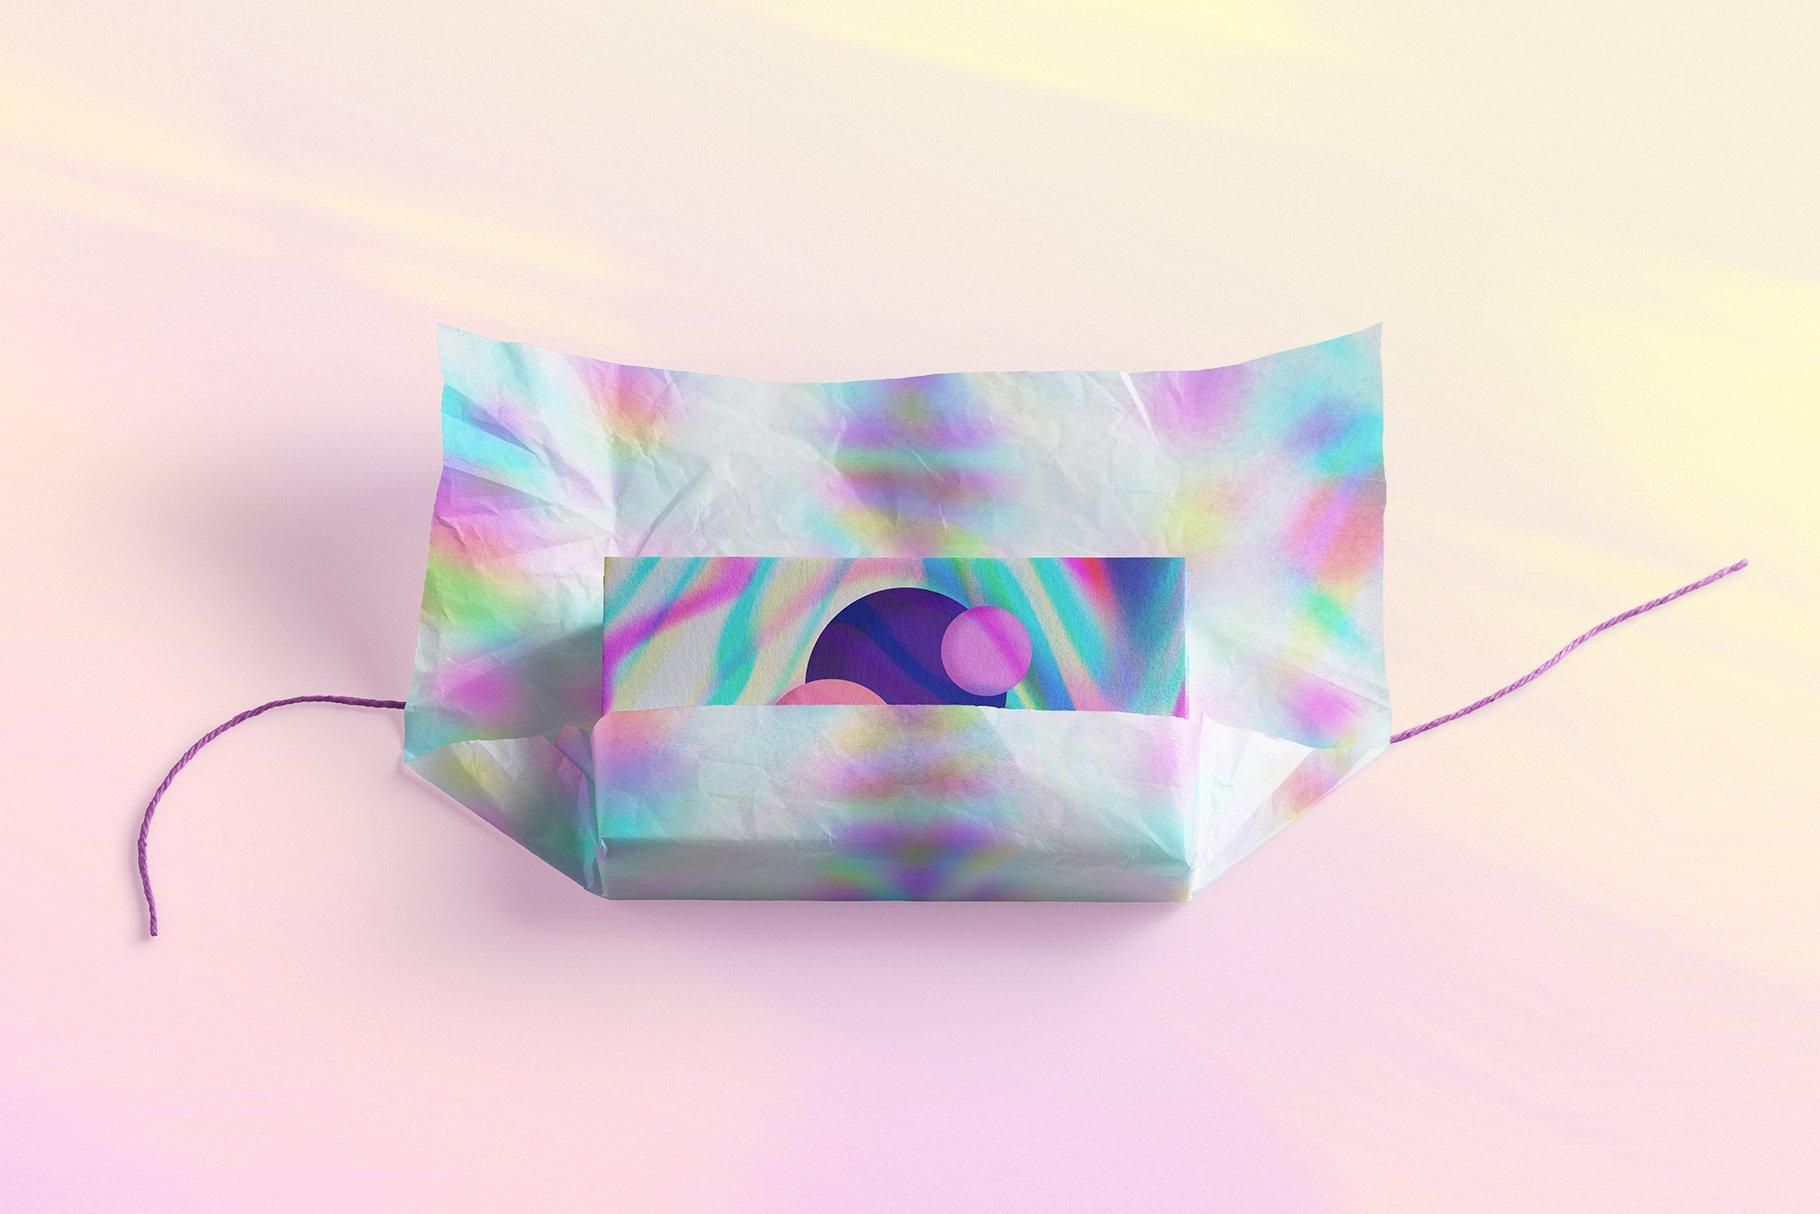 [单独购买] 90款潮流抽象炫彩故障扭曲噪点颗粒纹理海报设计背景图片素材 Experimental Abstract Textures插图1